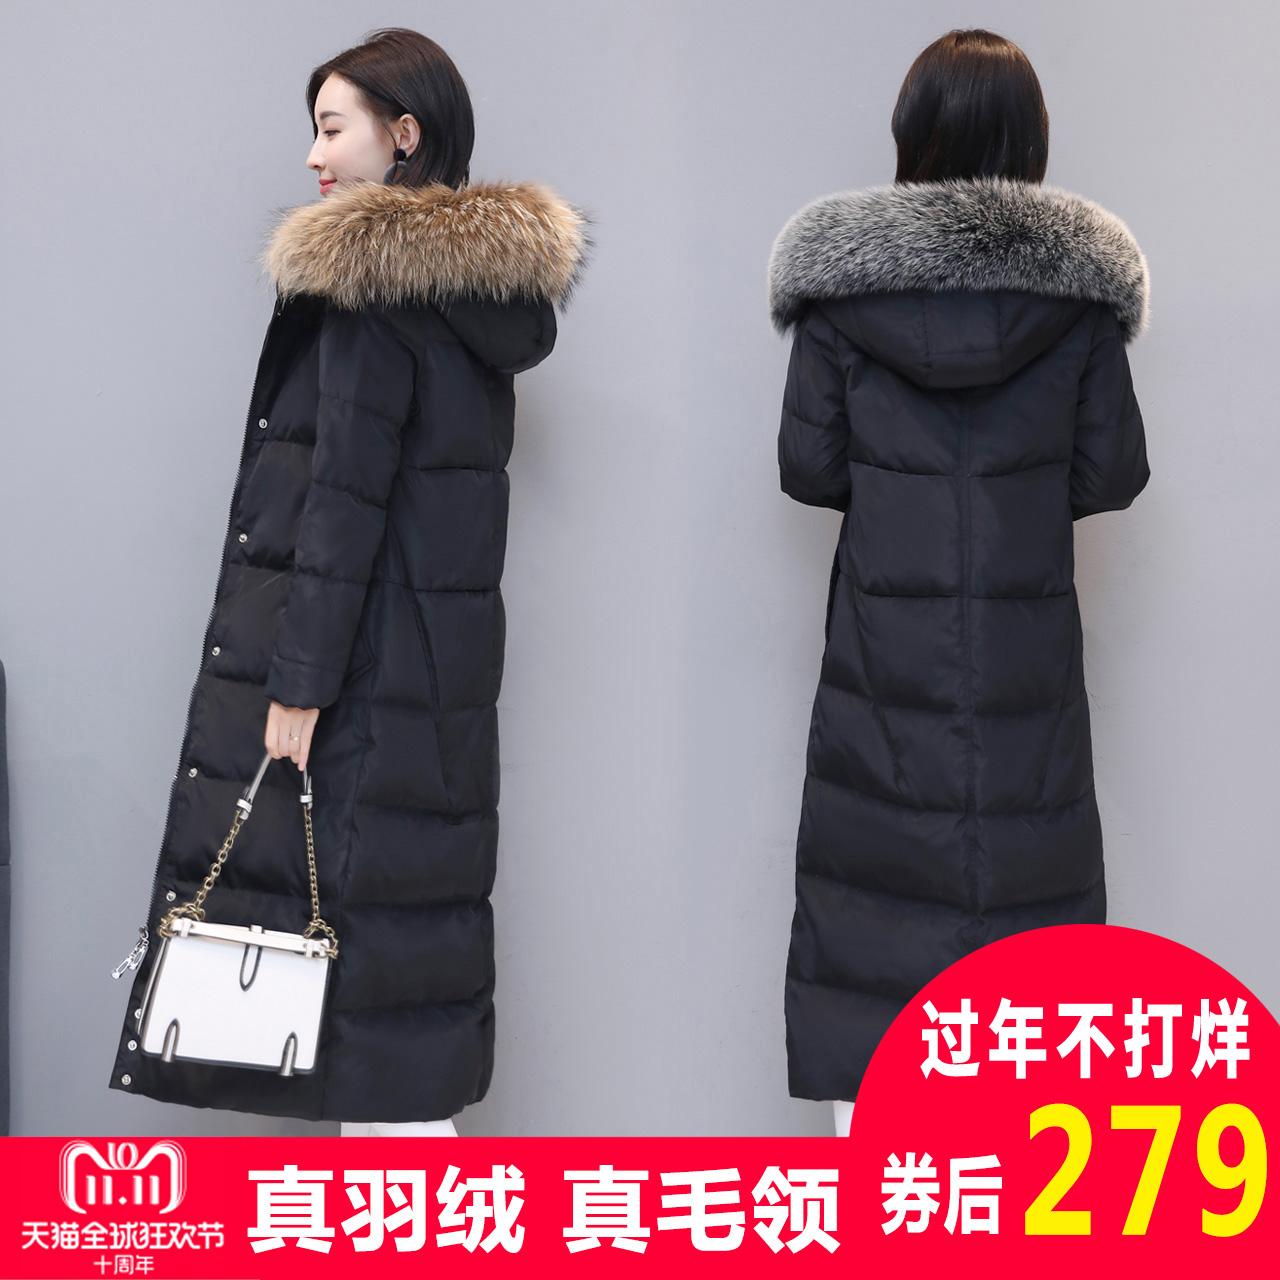 羽绒服女中长款2019新款韩版潮白鸭绒冬反季加厚修身显瘦大码过膝